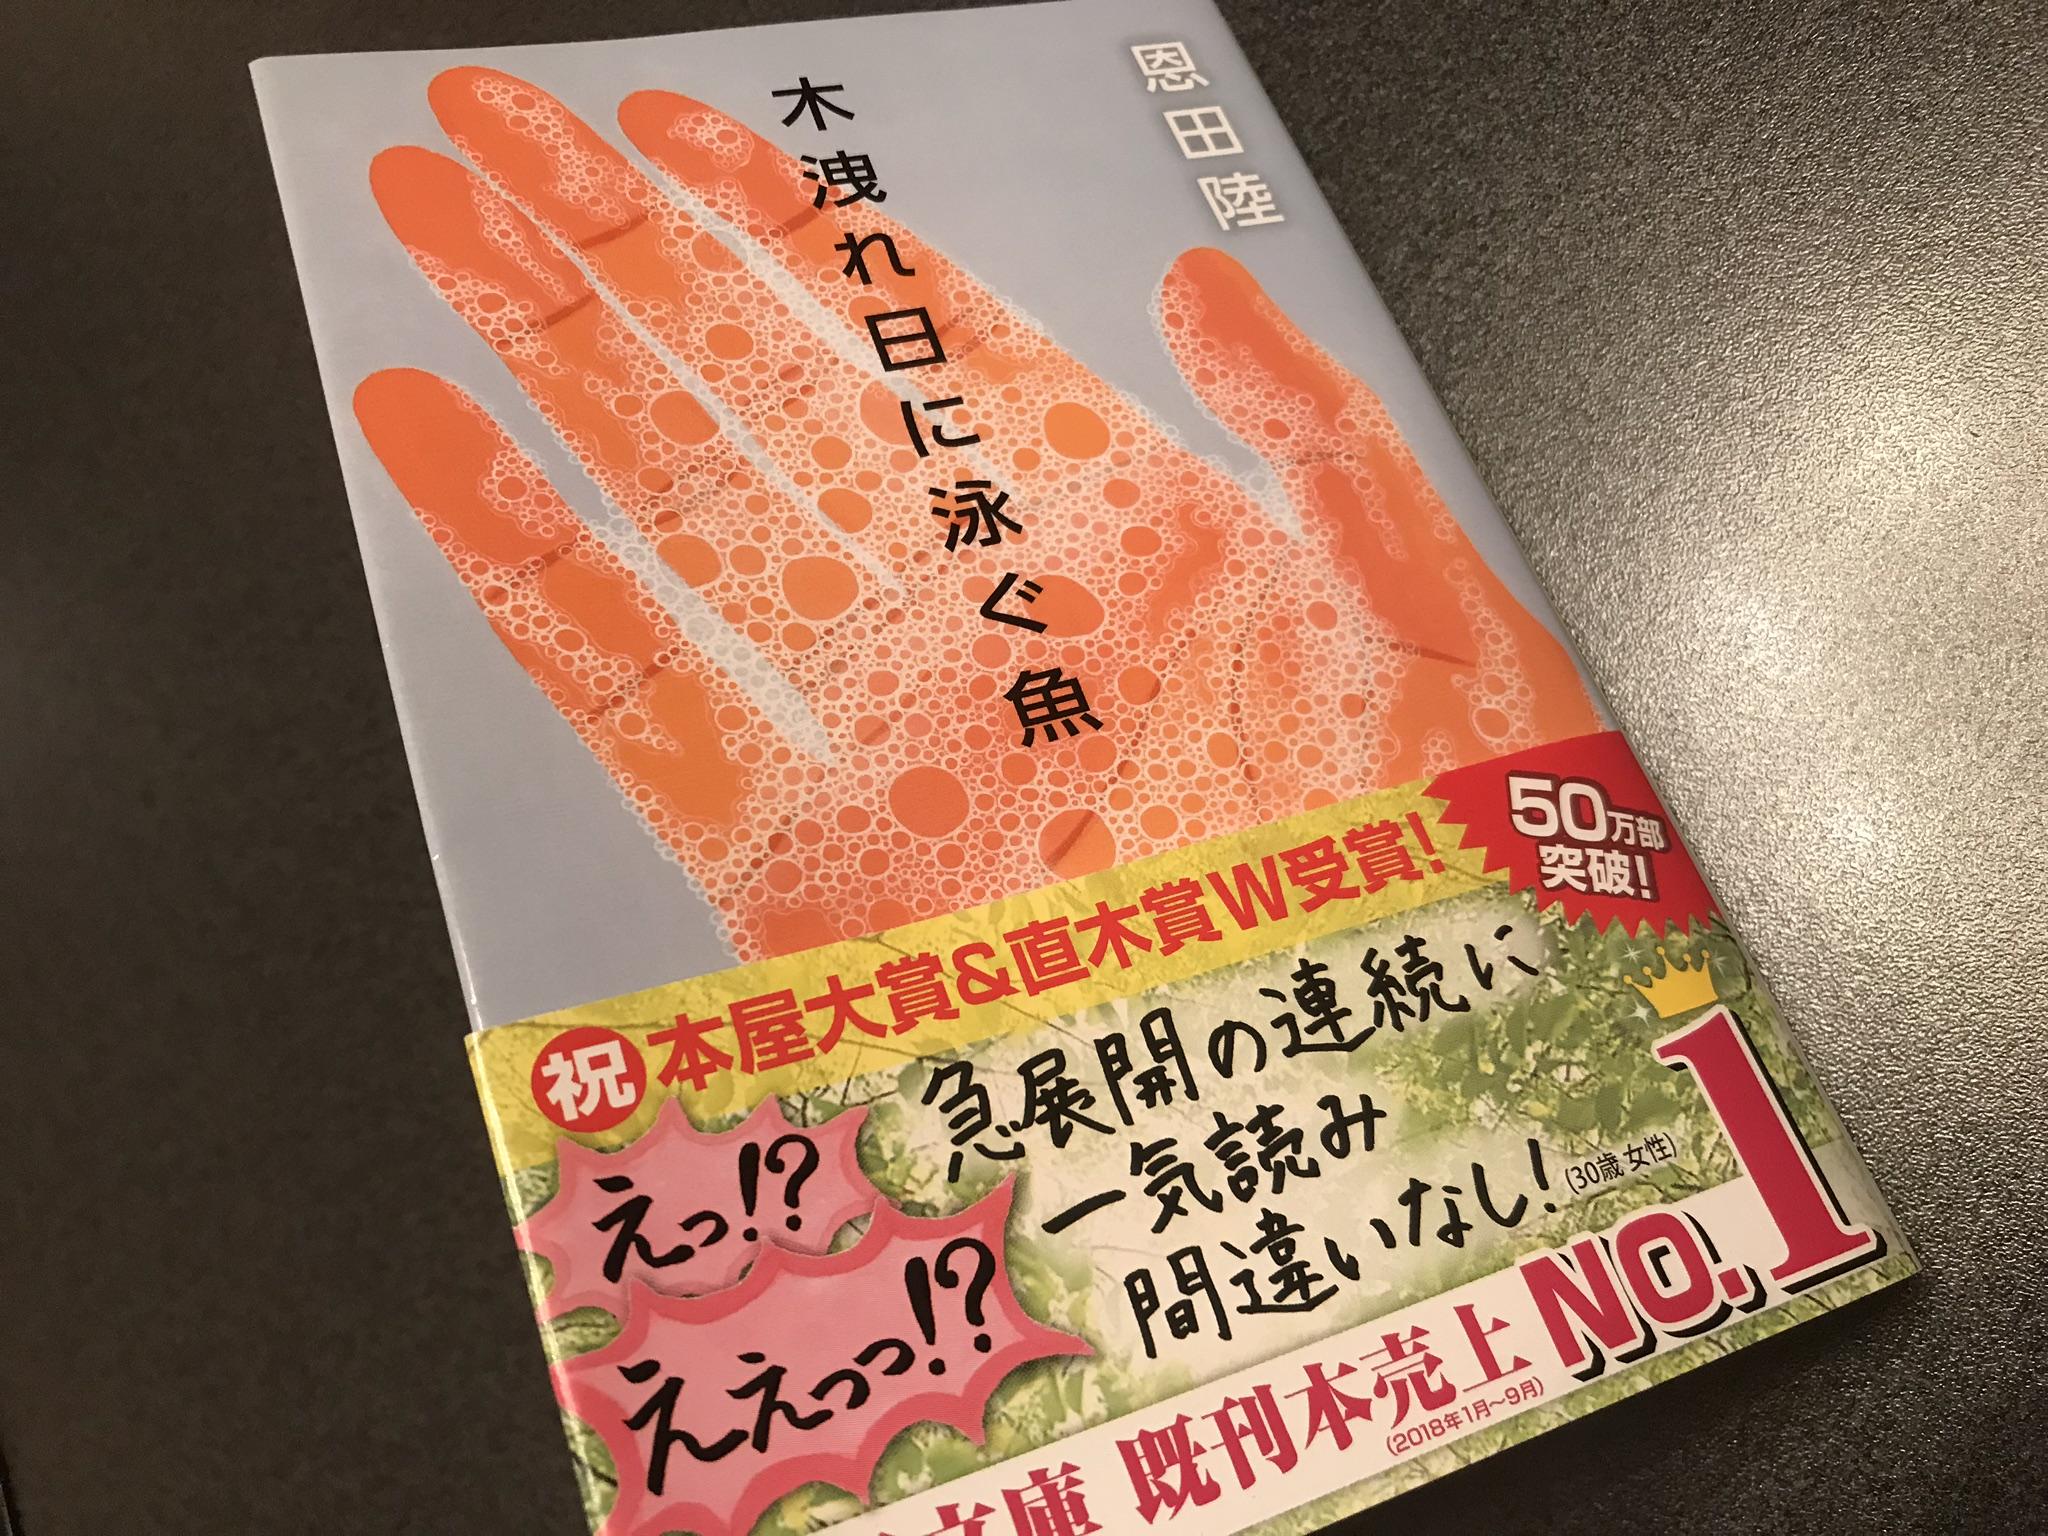 「木洩れ日に泳ぐ魚」(恩田陸) -本当に面白い小説を探す-【解説-意味とネタバレ】